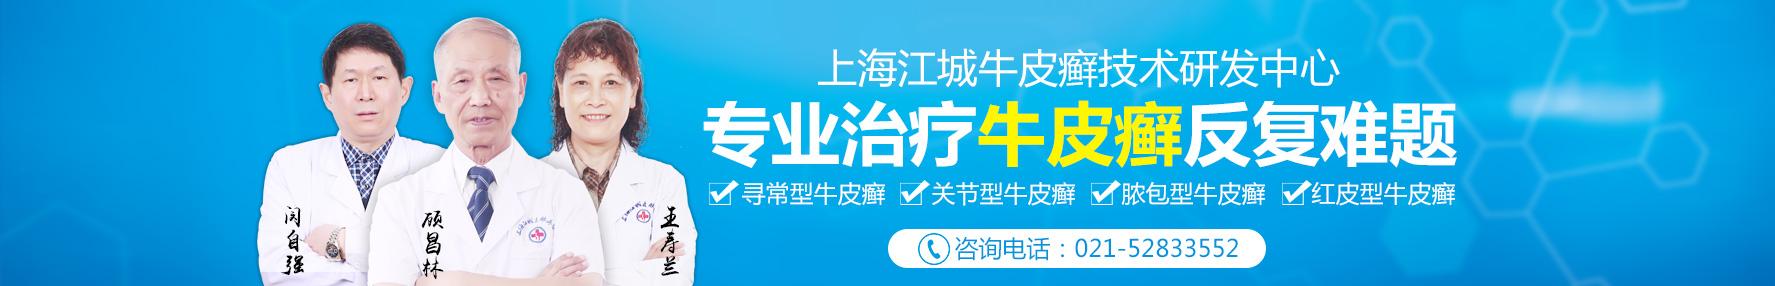 上海牛皮癣医院